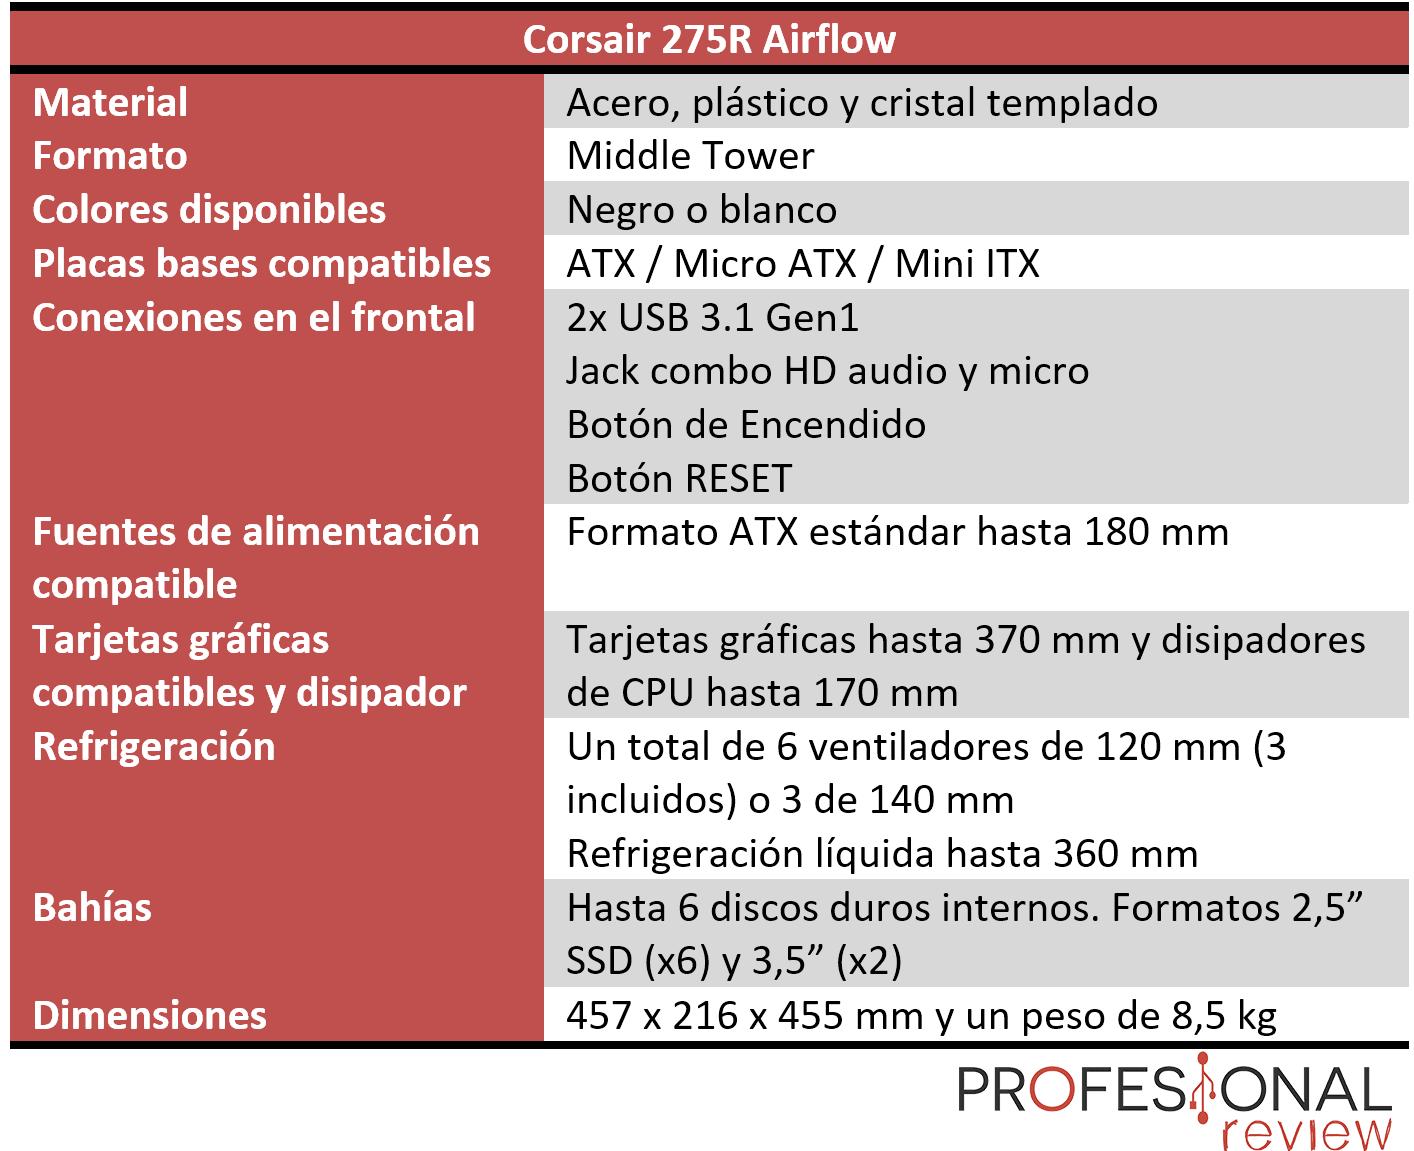 Corsair 275R Airflow características